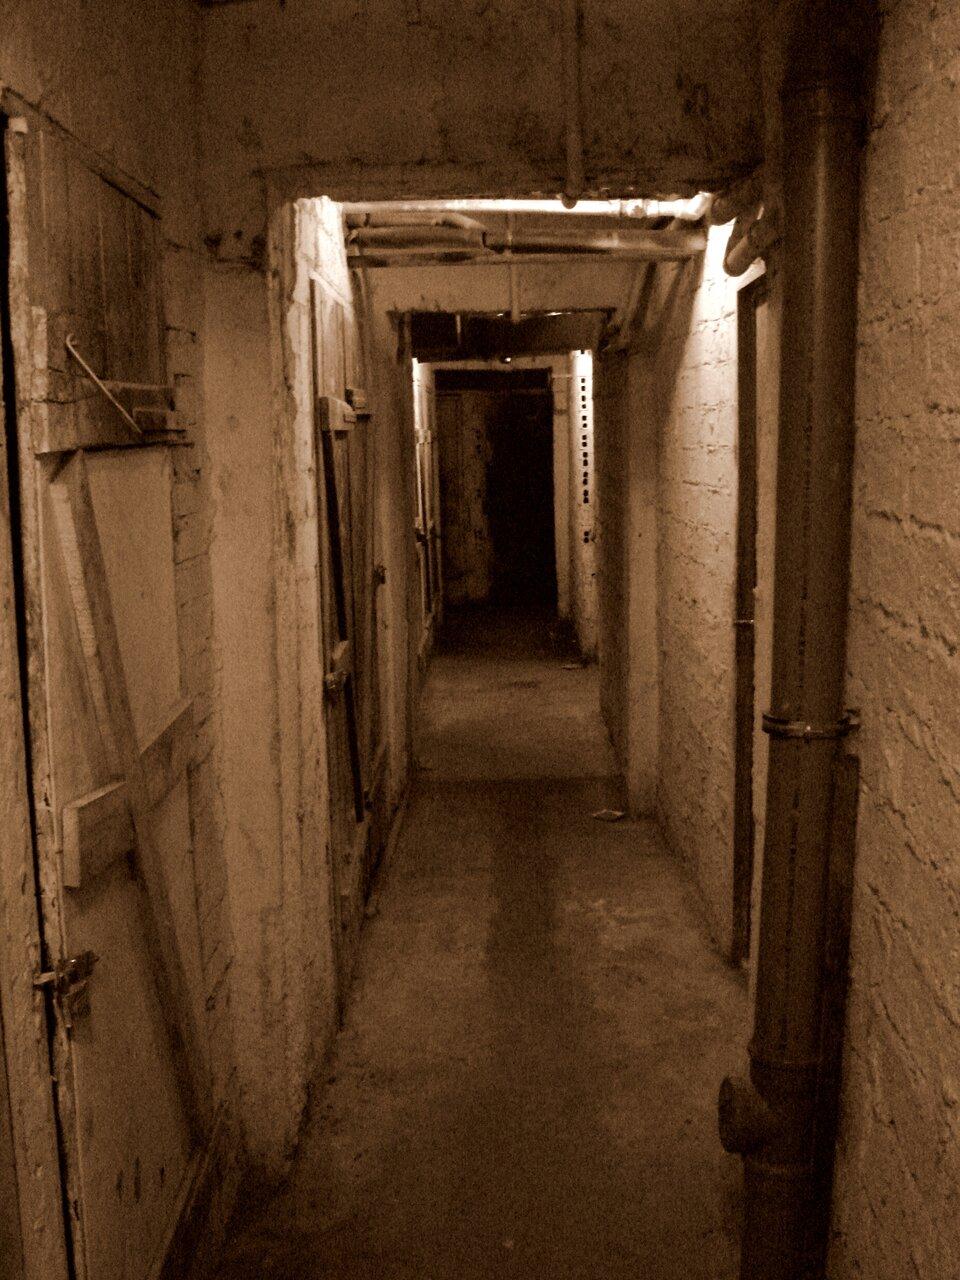 Zdjęcie przedstawia korytarz wpiwnicy bloku mieszkalnego ukazany wperspektywie zbieżnej. Po obu stronach korytarza białe ściany zcegły, wzdłuż korytarza po lewej stronie kilka par drewnianych zamkniętych drzwi zdesek zamkniętych na kłódki. Po prawej stronie na pierwszym planie pion kanalizacyjny, aza nim drzwi wyjściowe. Posadzka wylana zbetonu. Piwnicę oświetlają dwa źródła światła pod sufitem, poza tym panuje tu półmrok zcałkowicie ciemnym końcem korytarza.